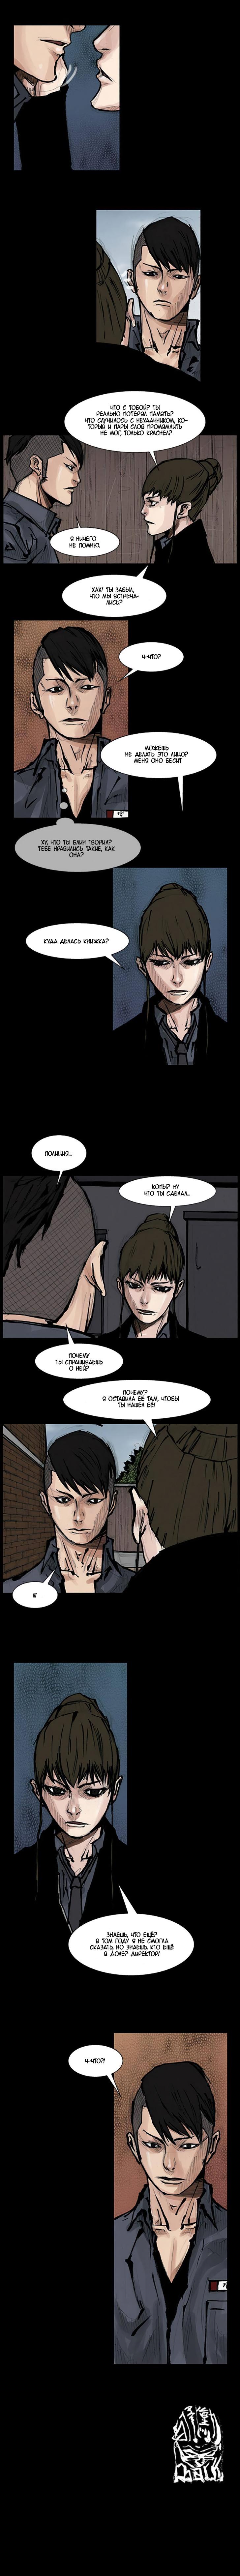 Манга Токко / Dokgo - Том 1 Глава 71 Страница 7